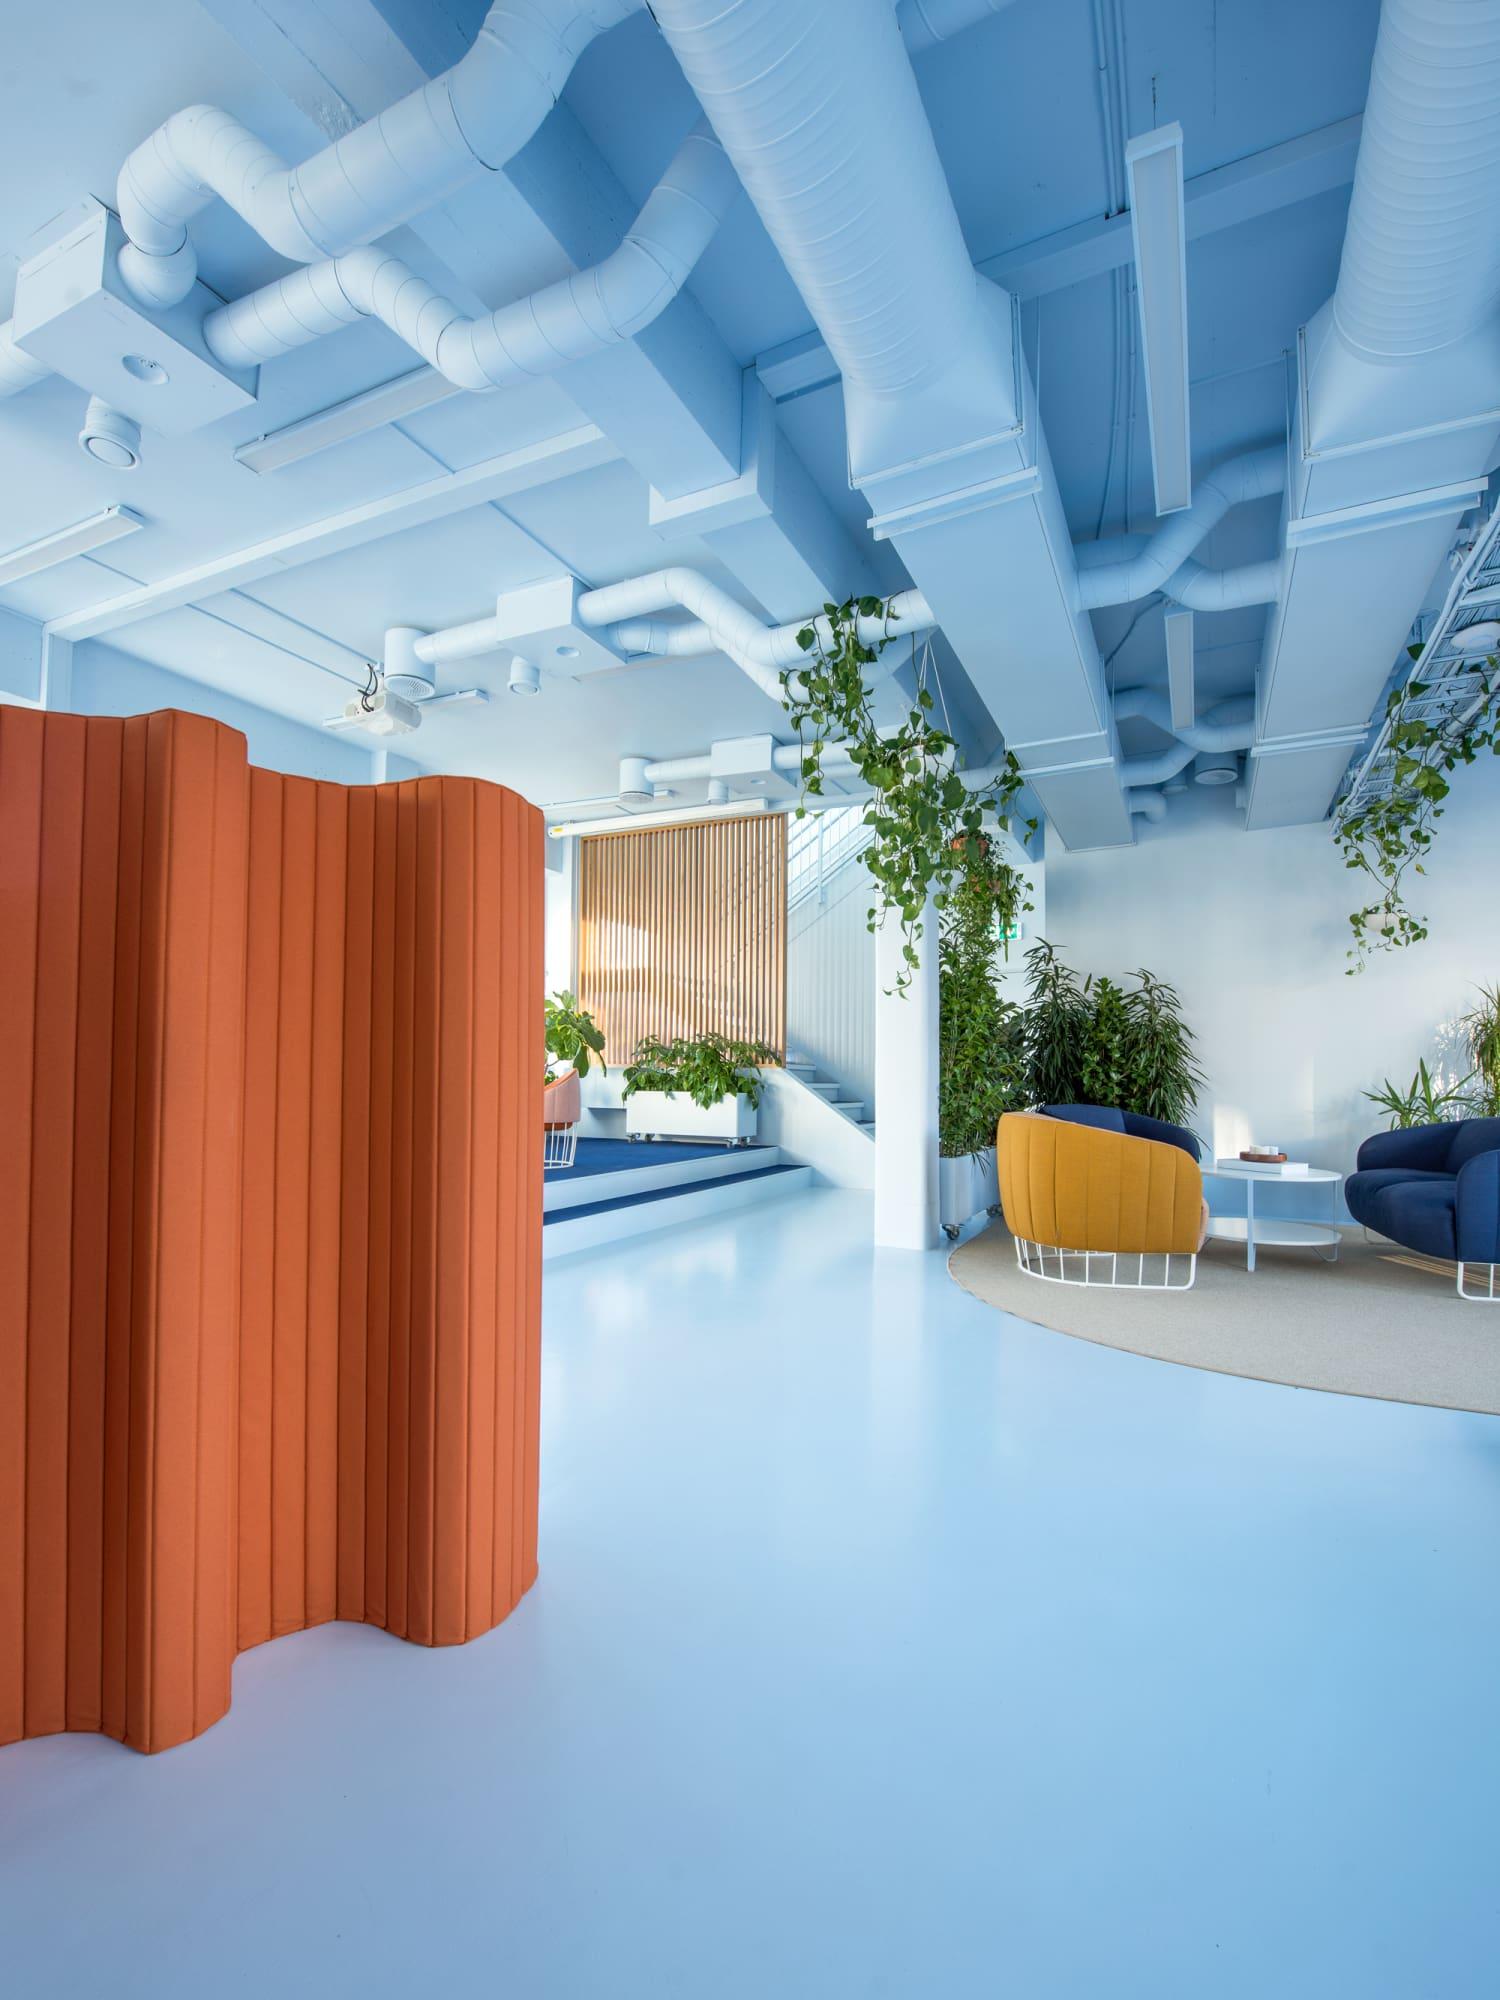 Kvistad entwirft Büroräume im Stil eines skandinavischen Spaceships - AD